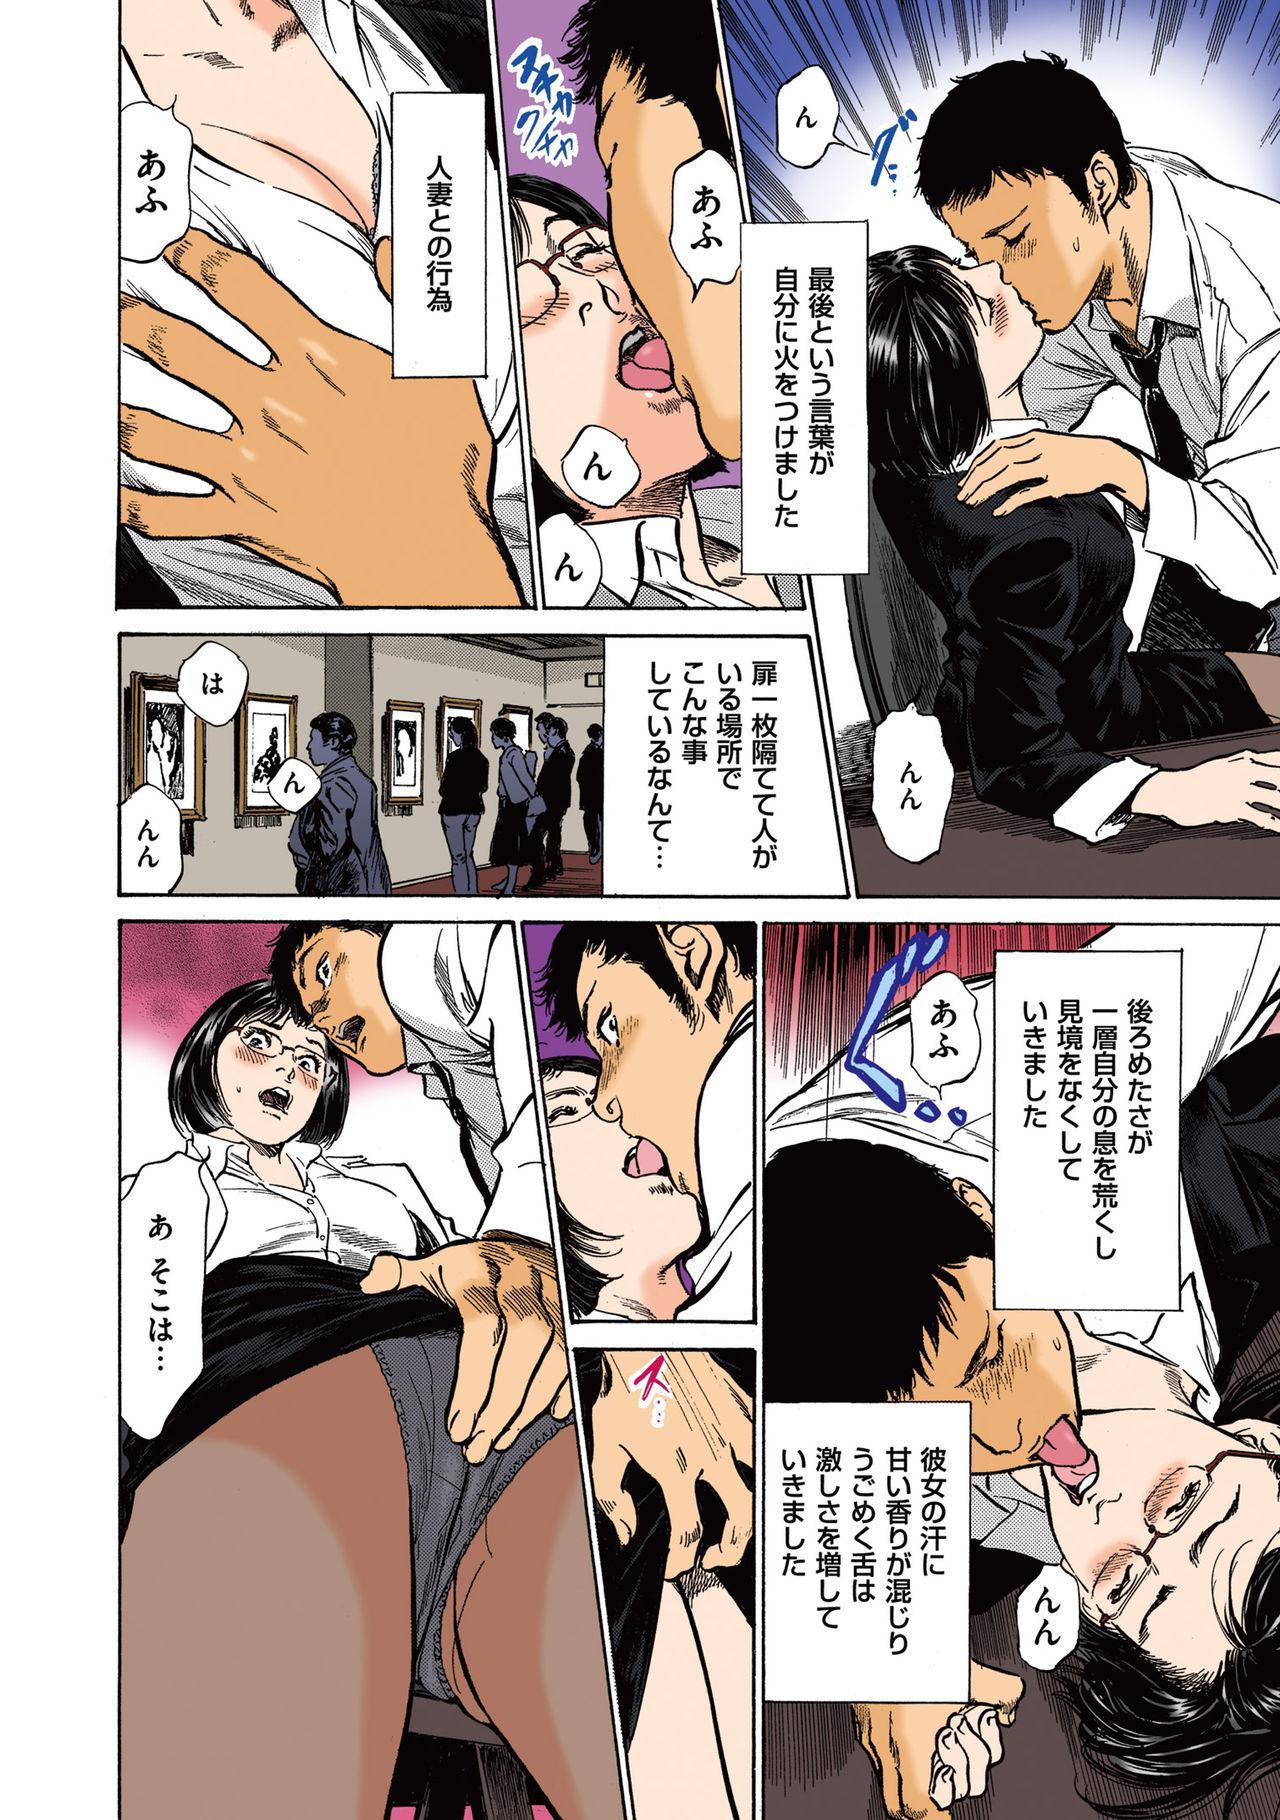 [Hazuki Kaoru] Hazuki Kaoru no Tamaranai Hanashi (Full Color Version) 2-1 59